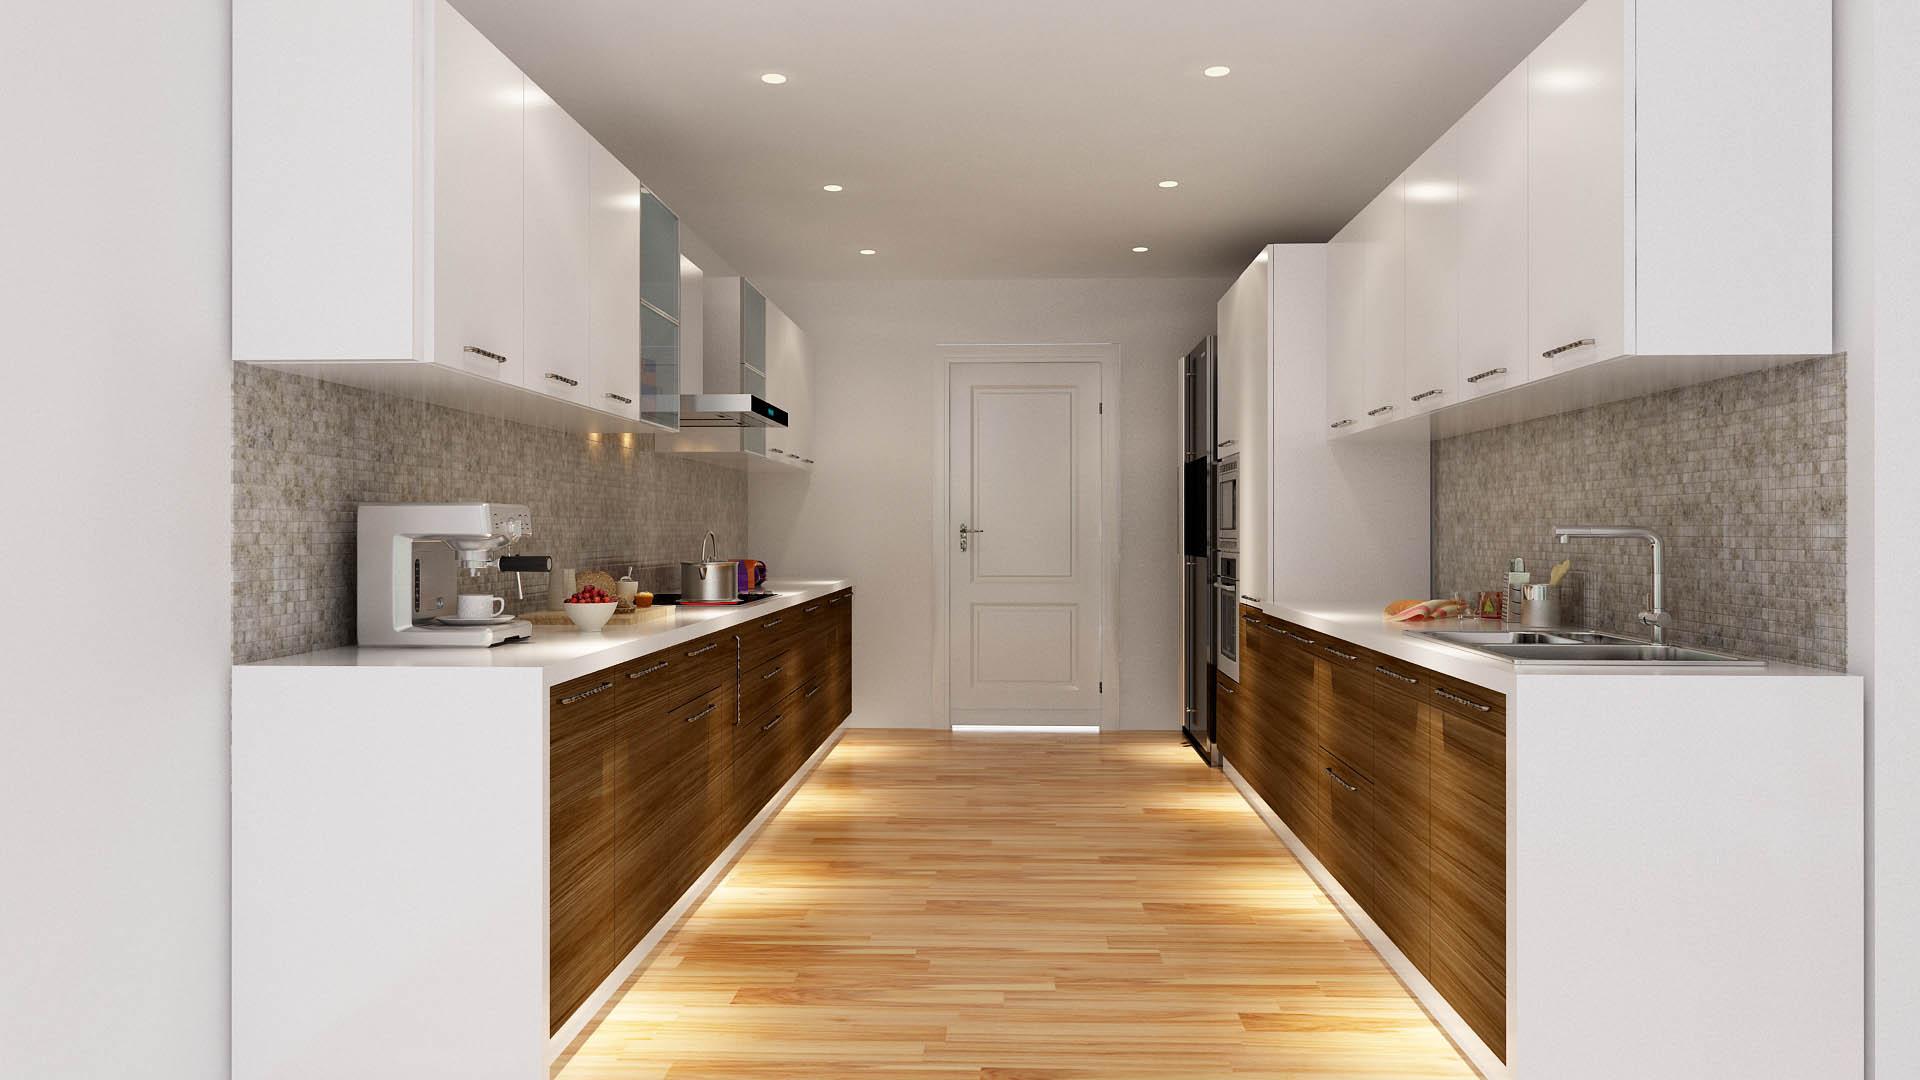 Parallel kitchen design edna parallel kitchen for Parallel kitchen ideas